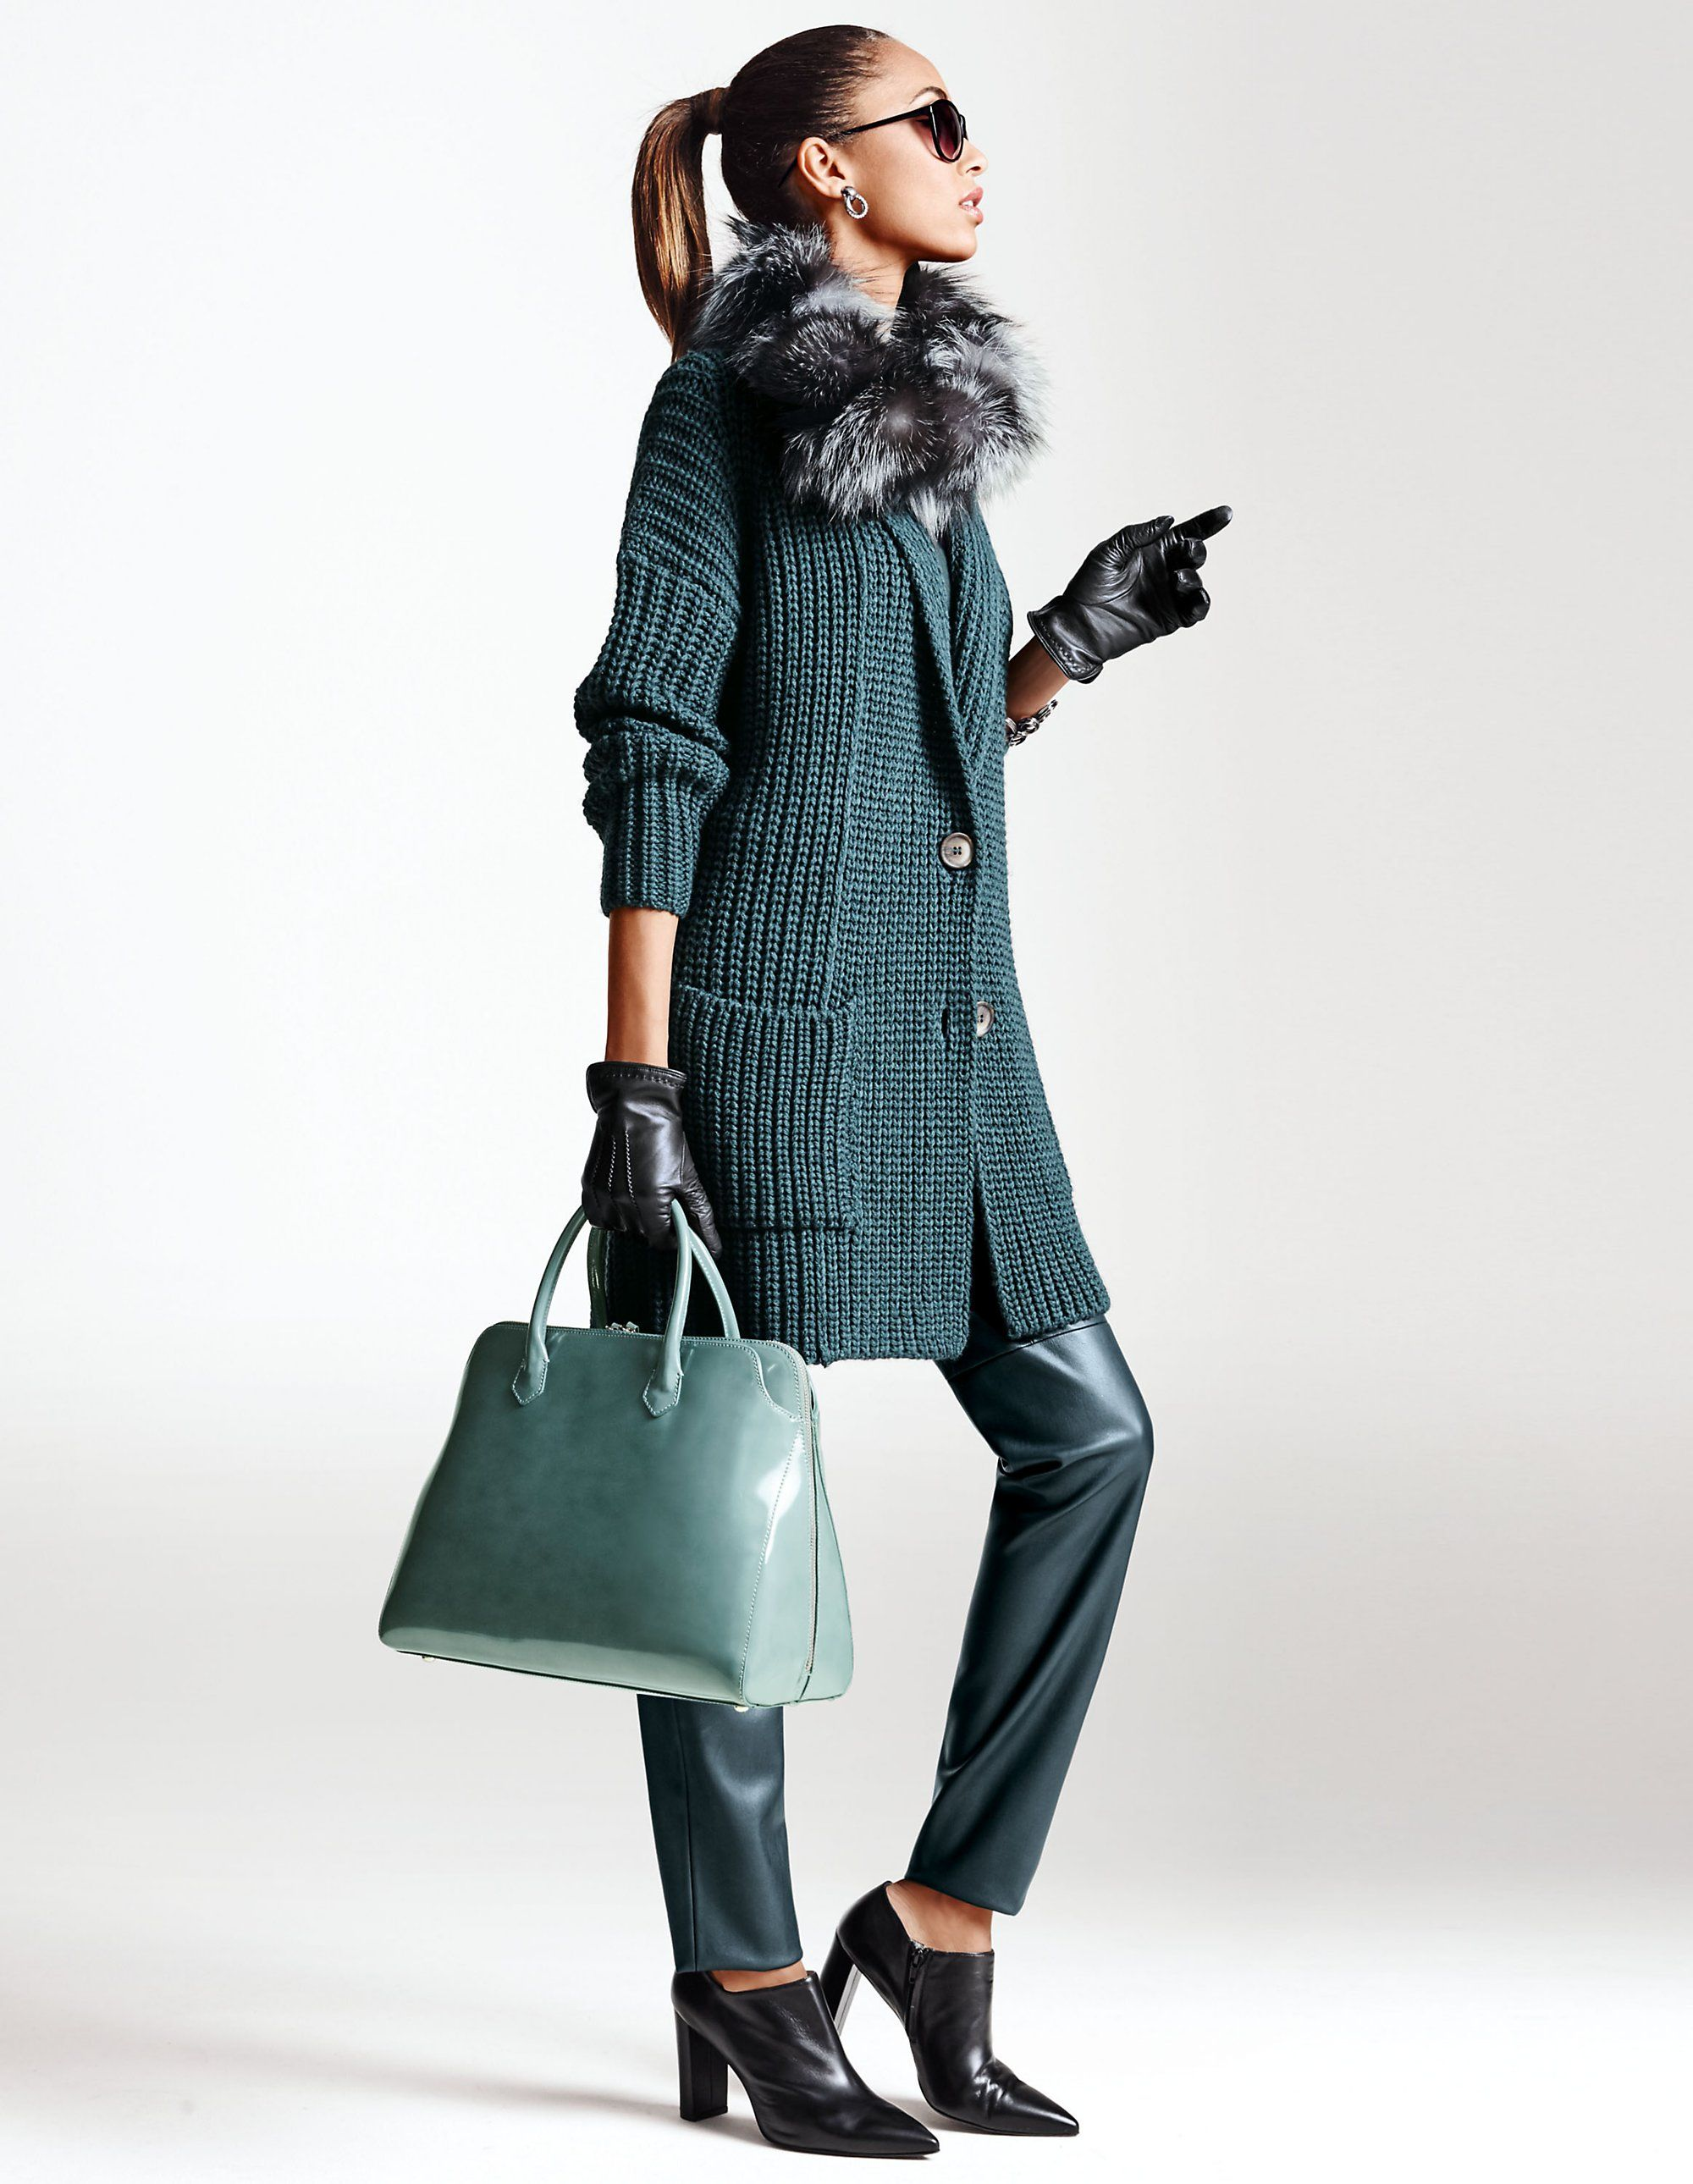 Petrol Kombinieren Kleidung : petrol ist die trendfarbe der saison kombiniert mit ~ Watch28wear.com Haus und Dekorationen